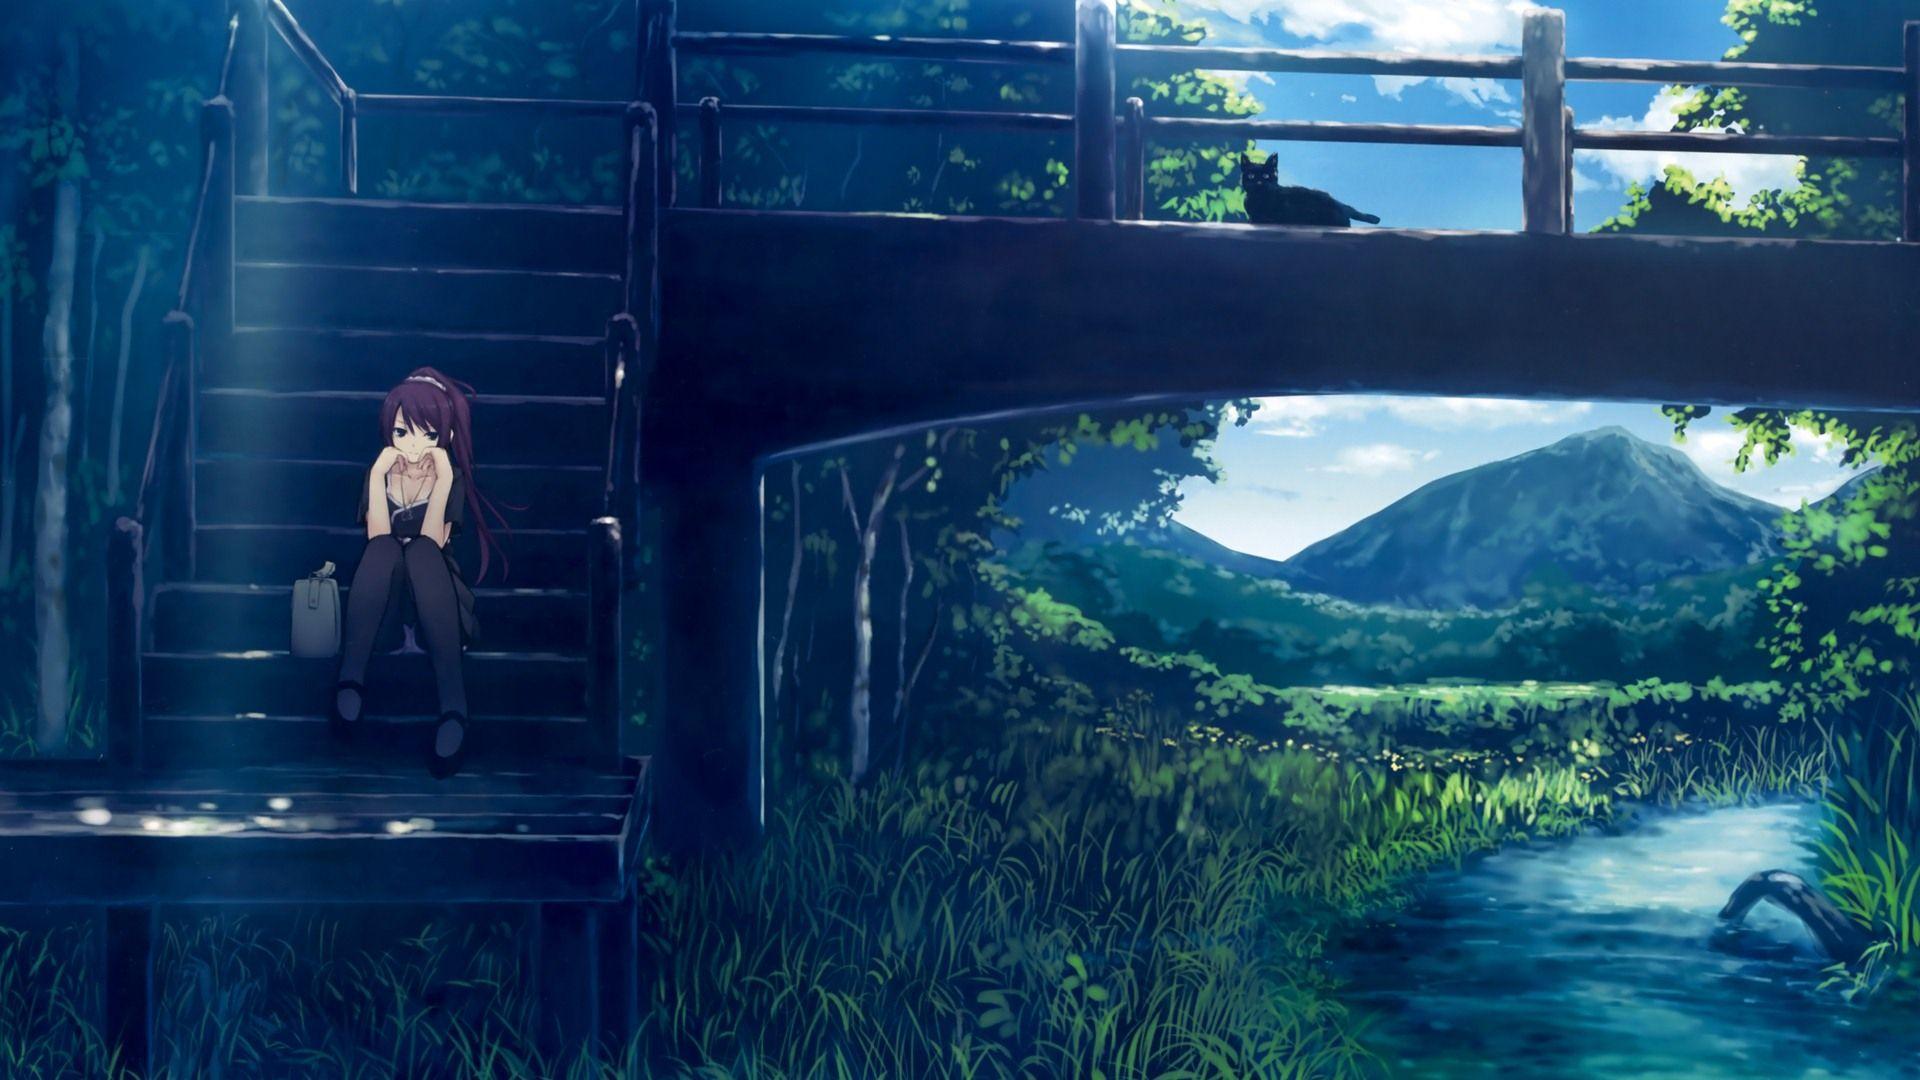 1920x1080 Máy tính để bàn Phong cảnh Anime Mưa Rộng trên Hình nền Mưa Tối với Cao